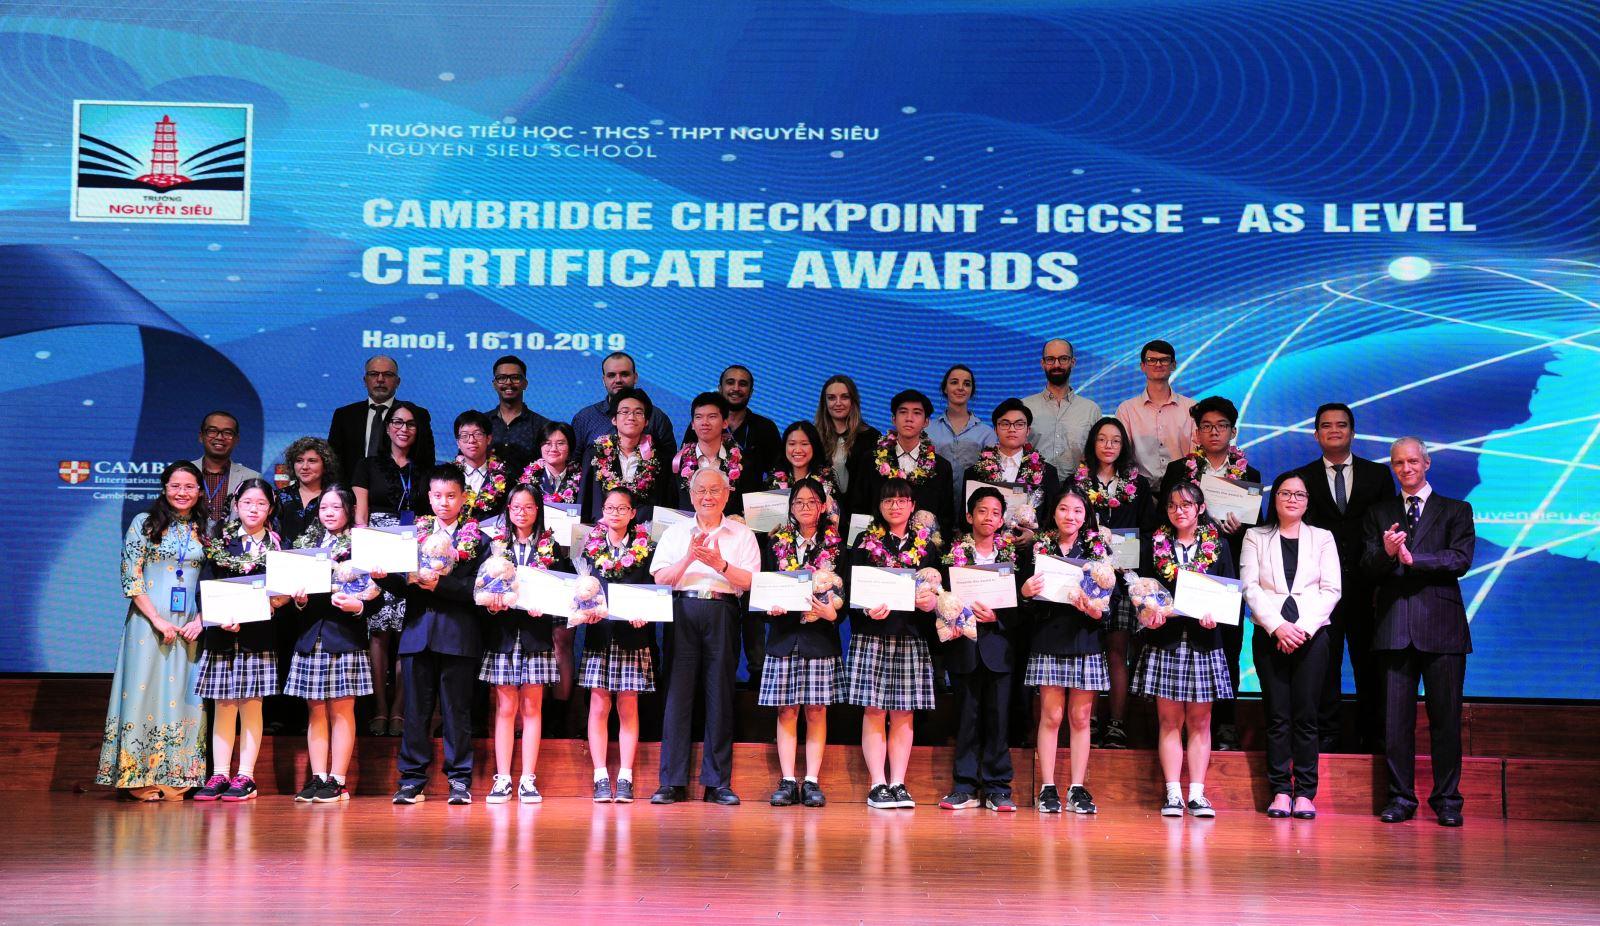 Cambridge award ceremony at Nguyen Sieu